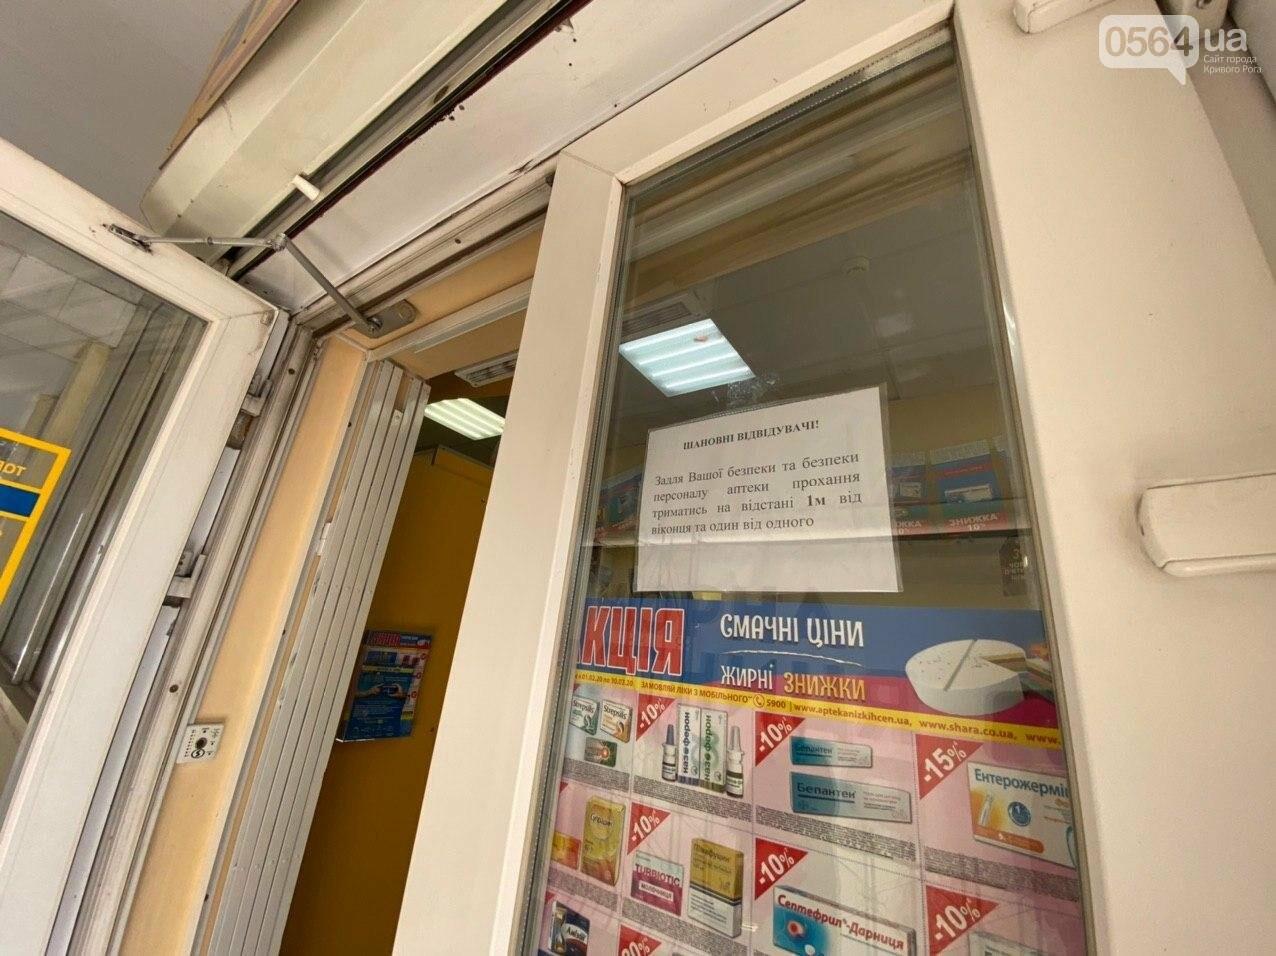 Маска и антисептик: где в Кривом Роге можно приобрести средства защиты во время карантина, - ФОТО , фото-9